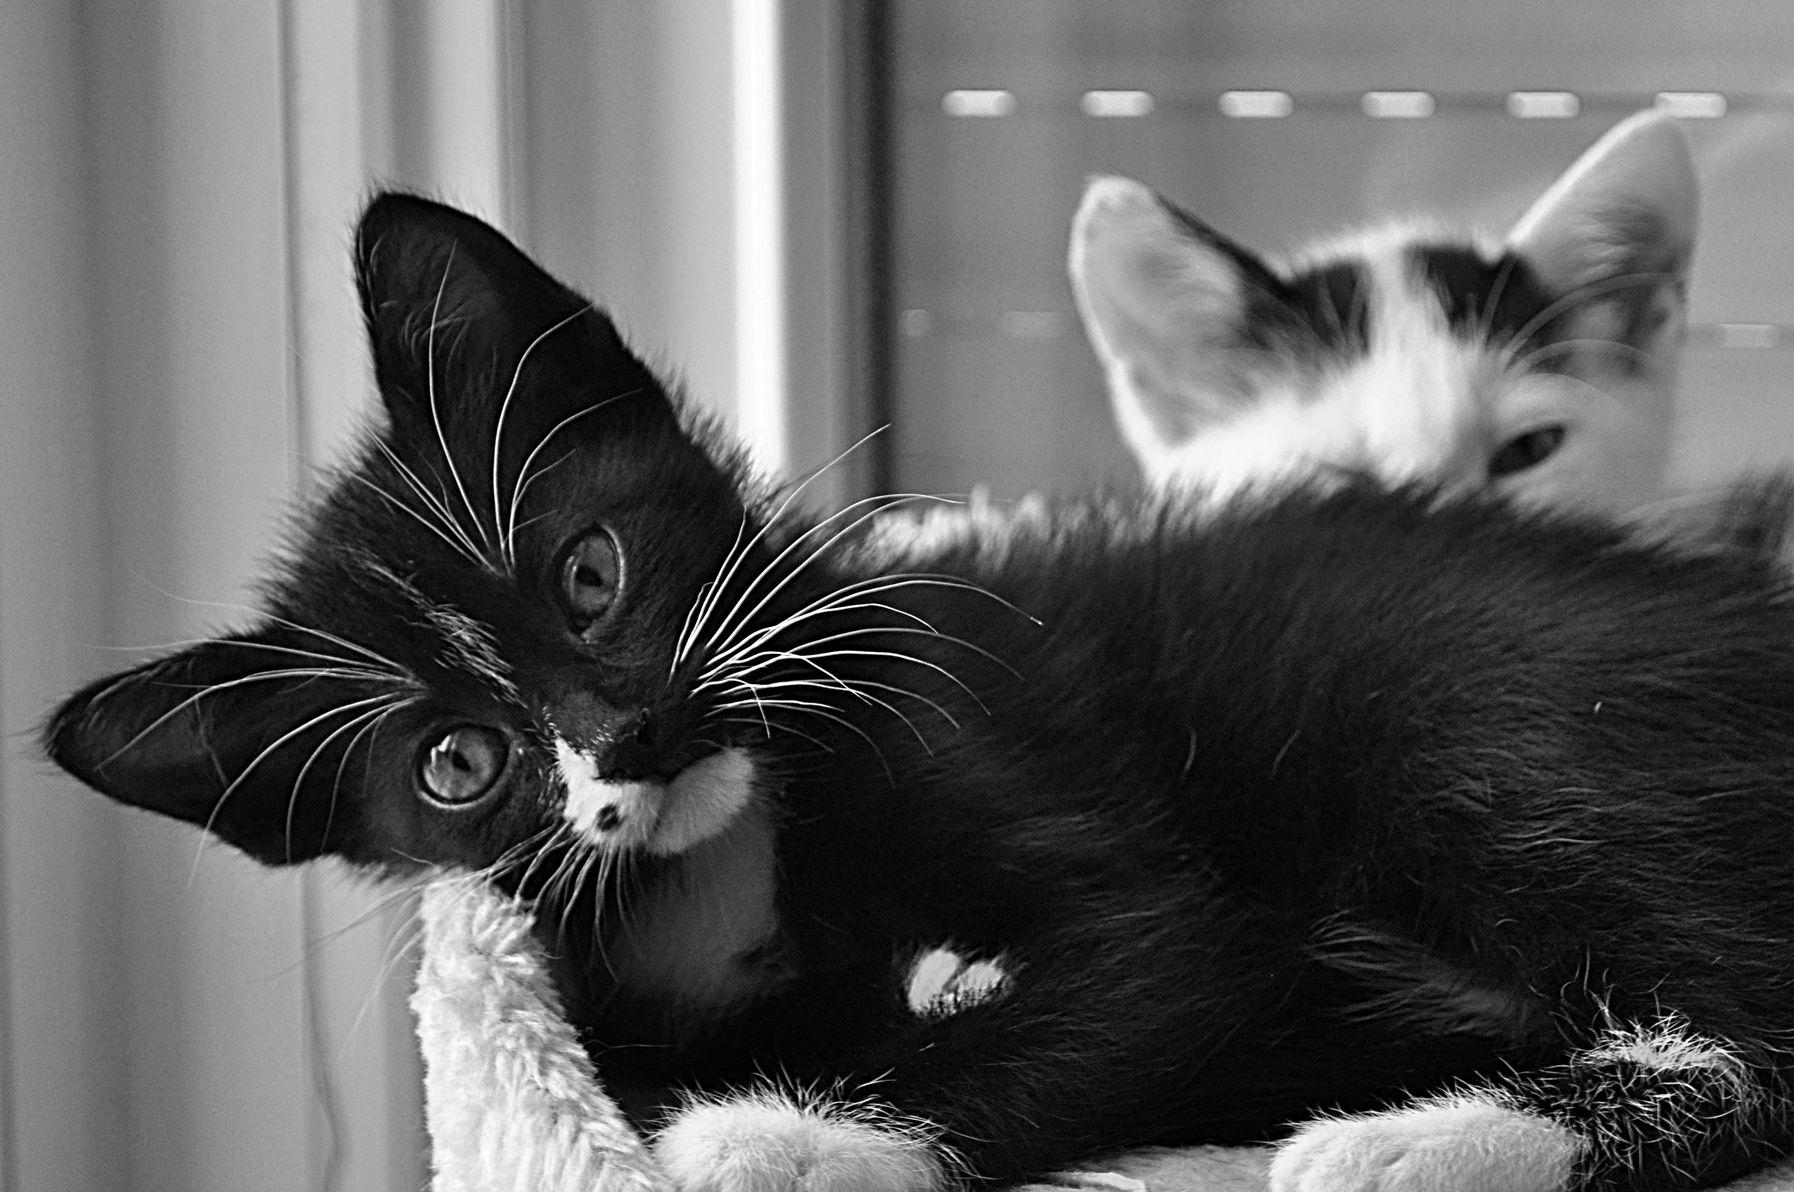 Cute kittens black & white